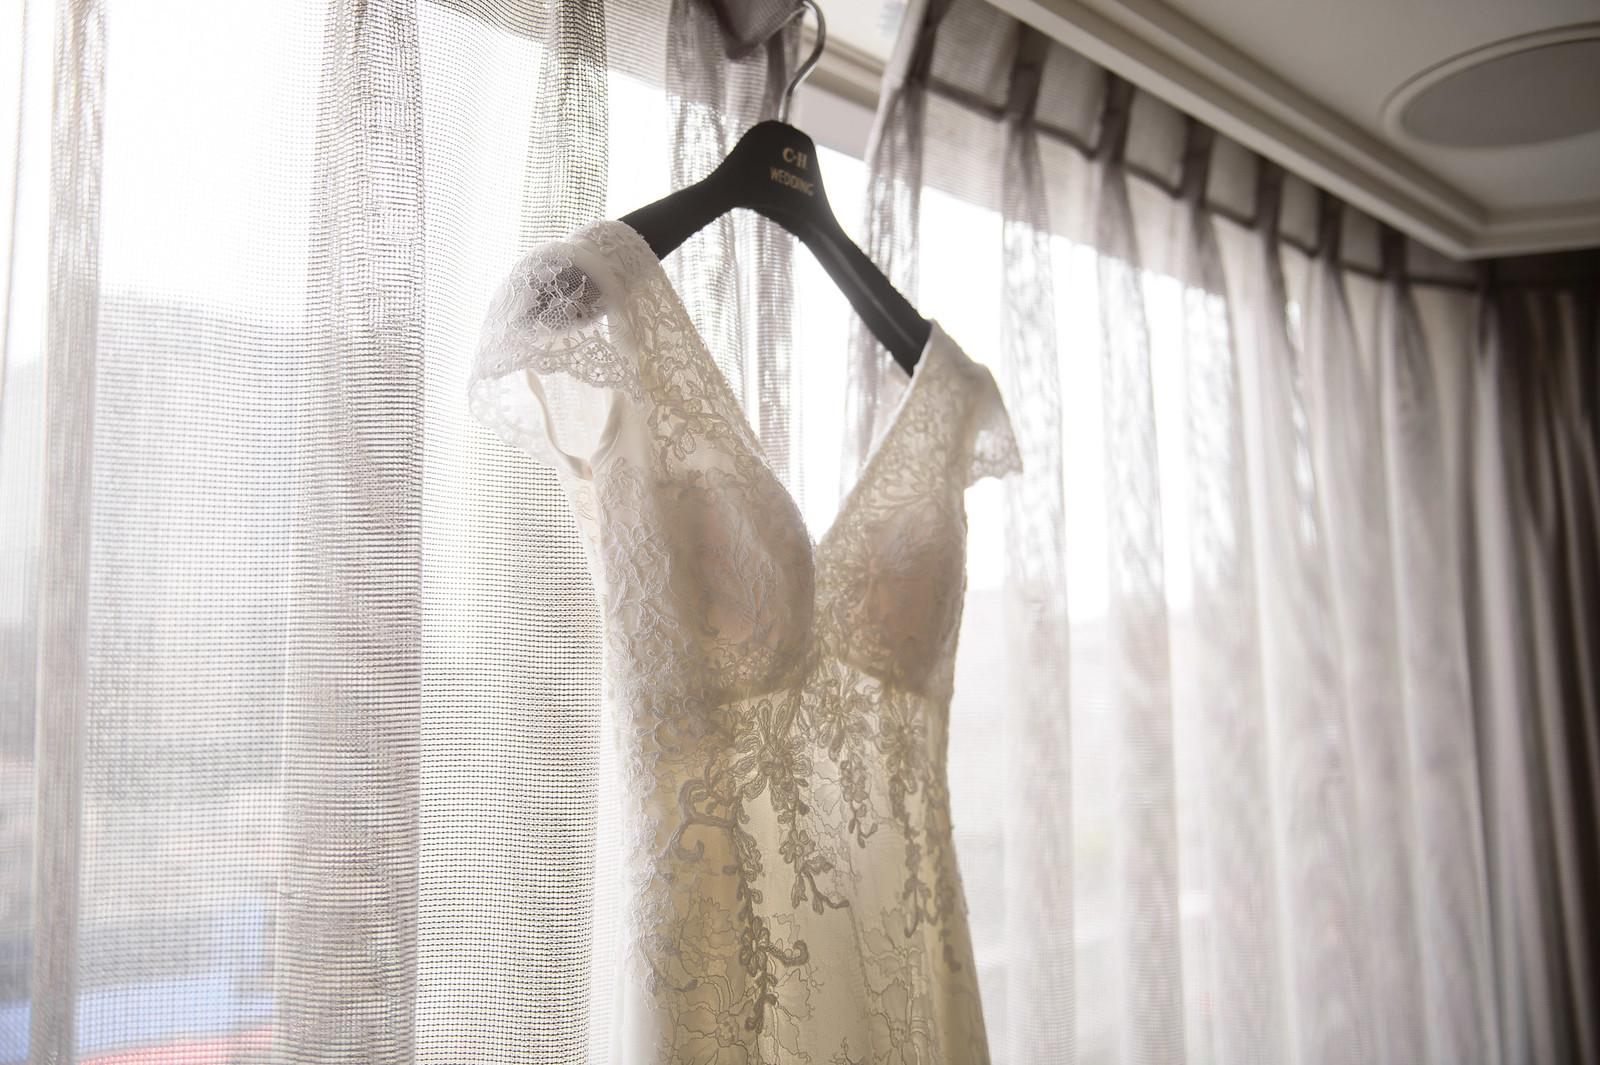 台北婚攝, 婚禮攝影, 婚攝, 婚攝守恆, 婚攝推薦, 晶華酒店, 晶華酒店婚宴, 晶華酒店婚攝-1